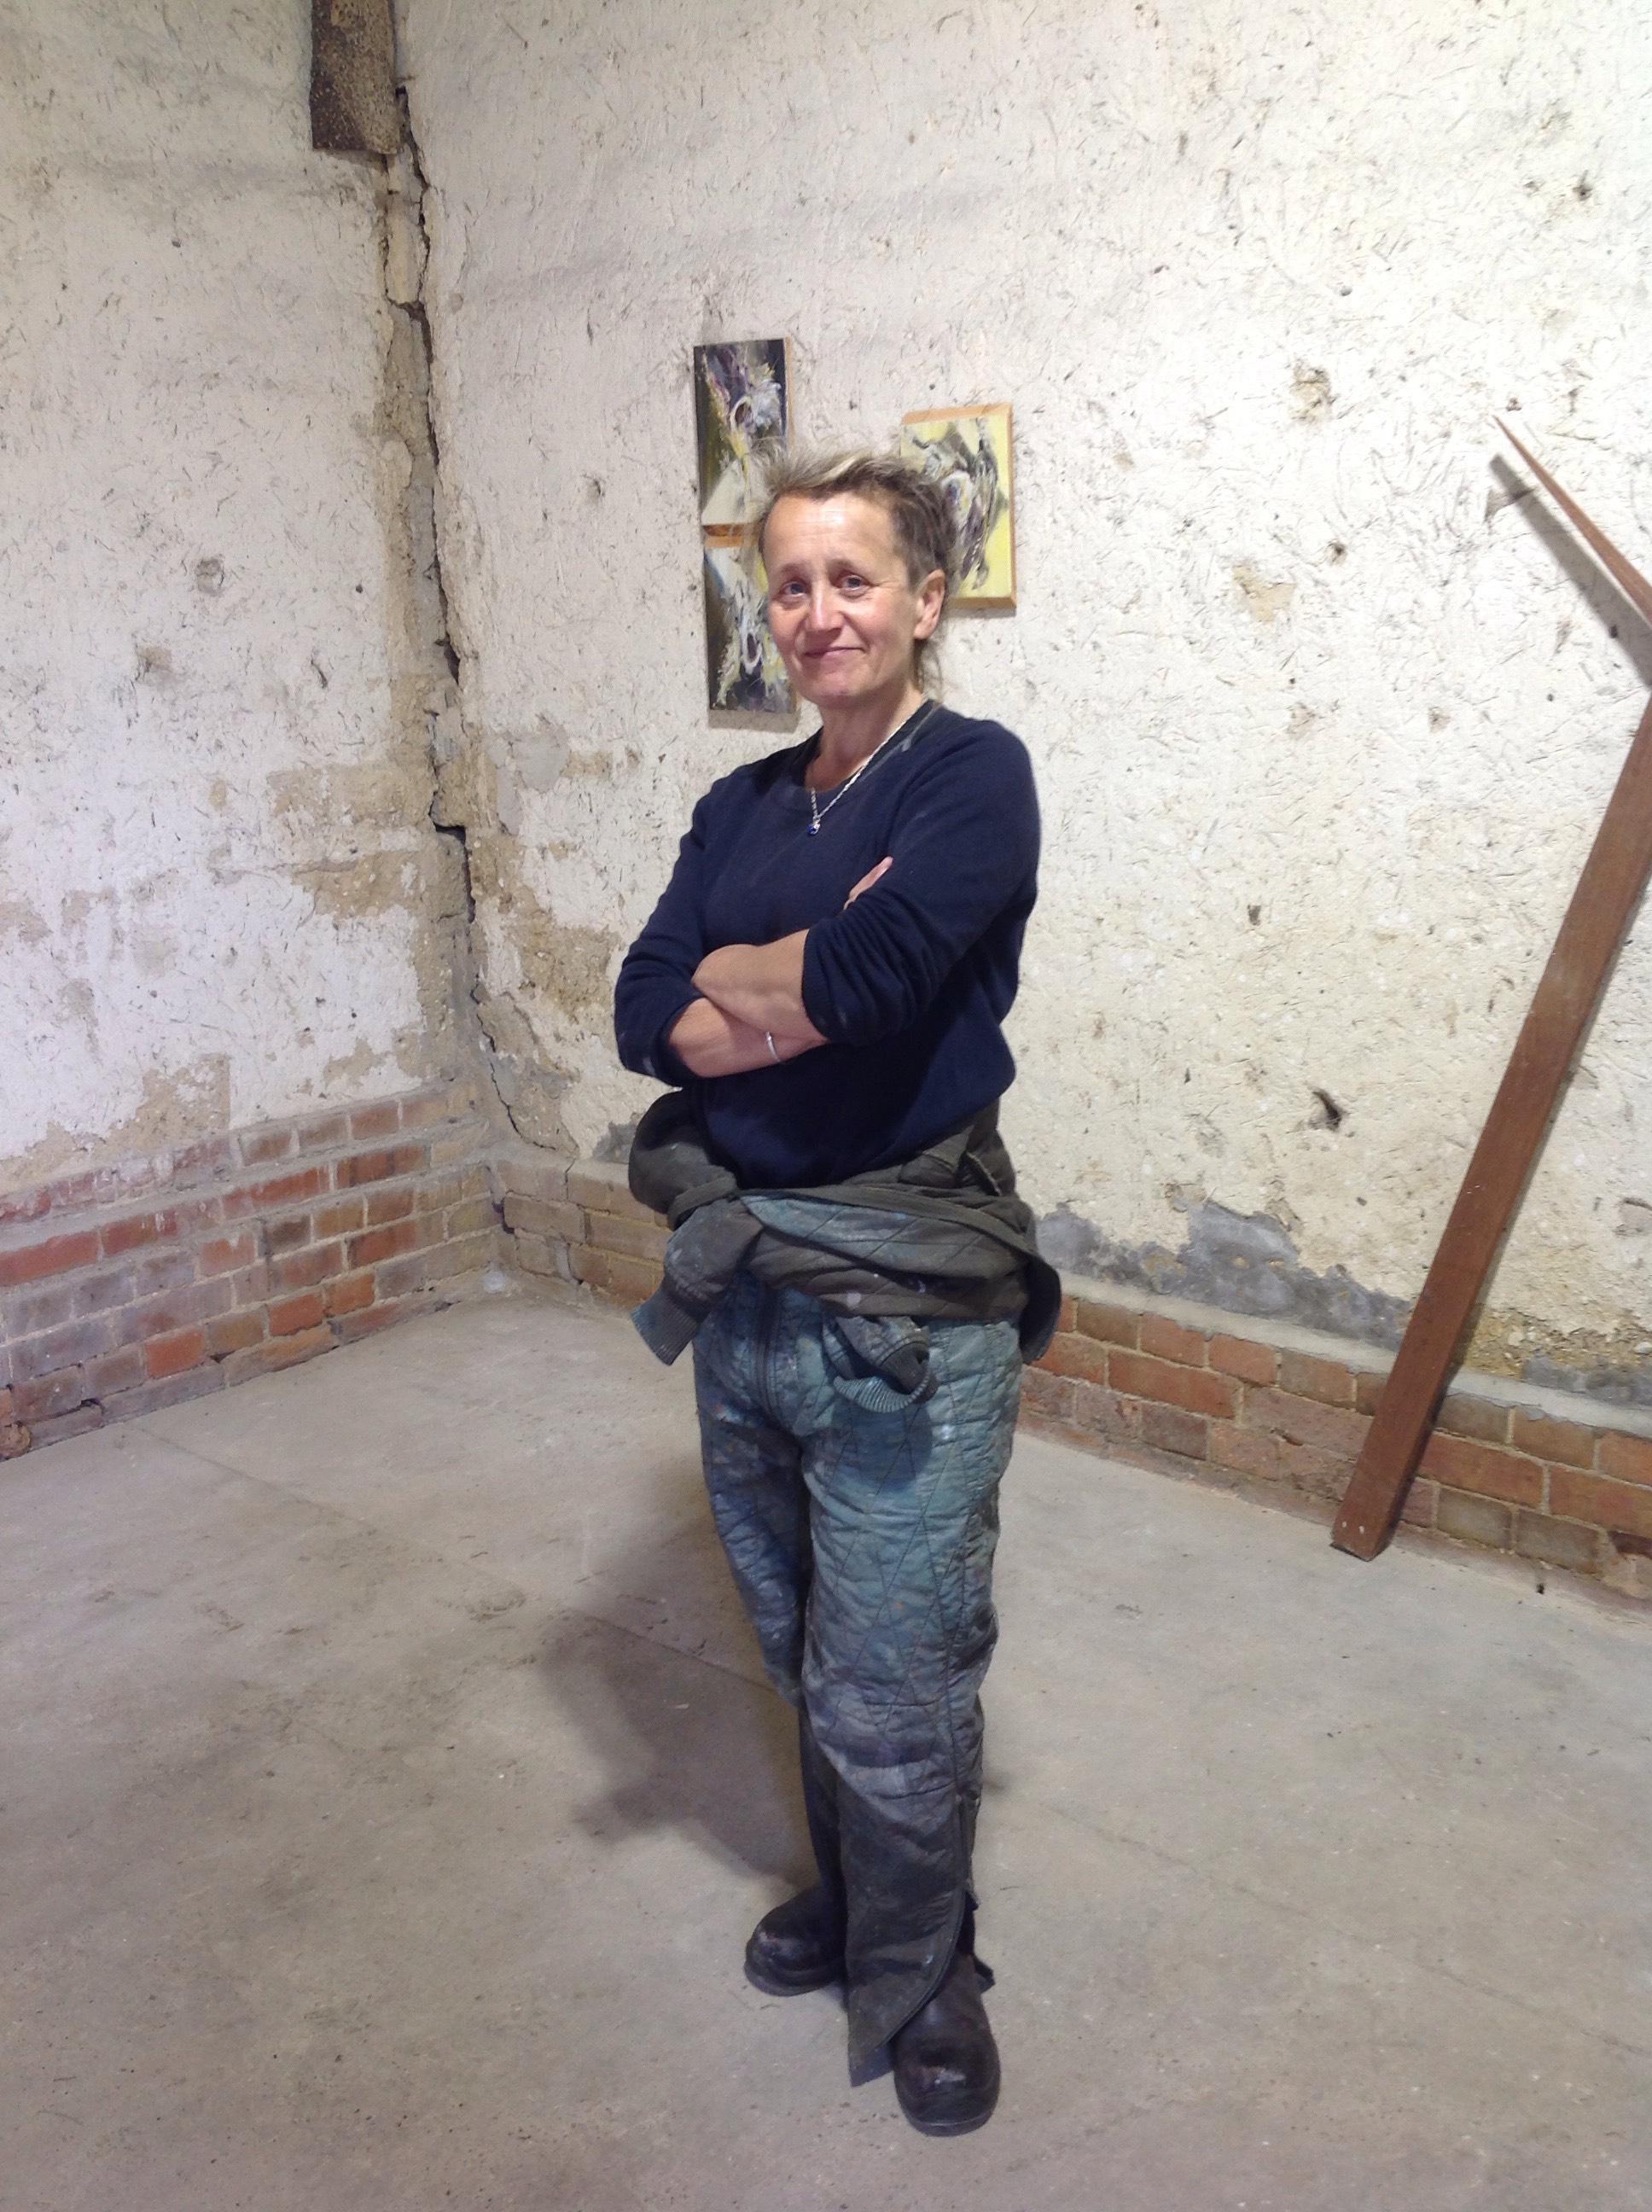 Nessie Stonebridge in her Norfolk studio